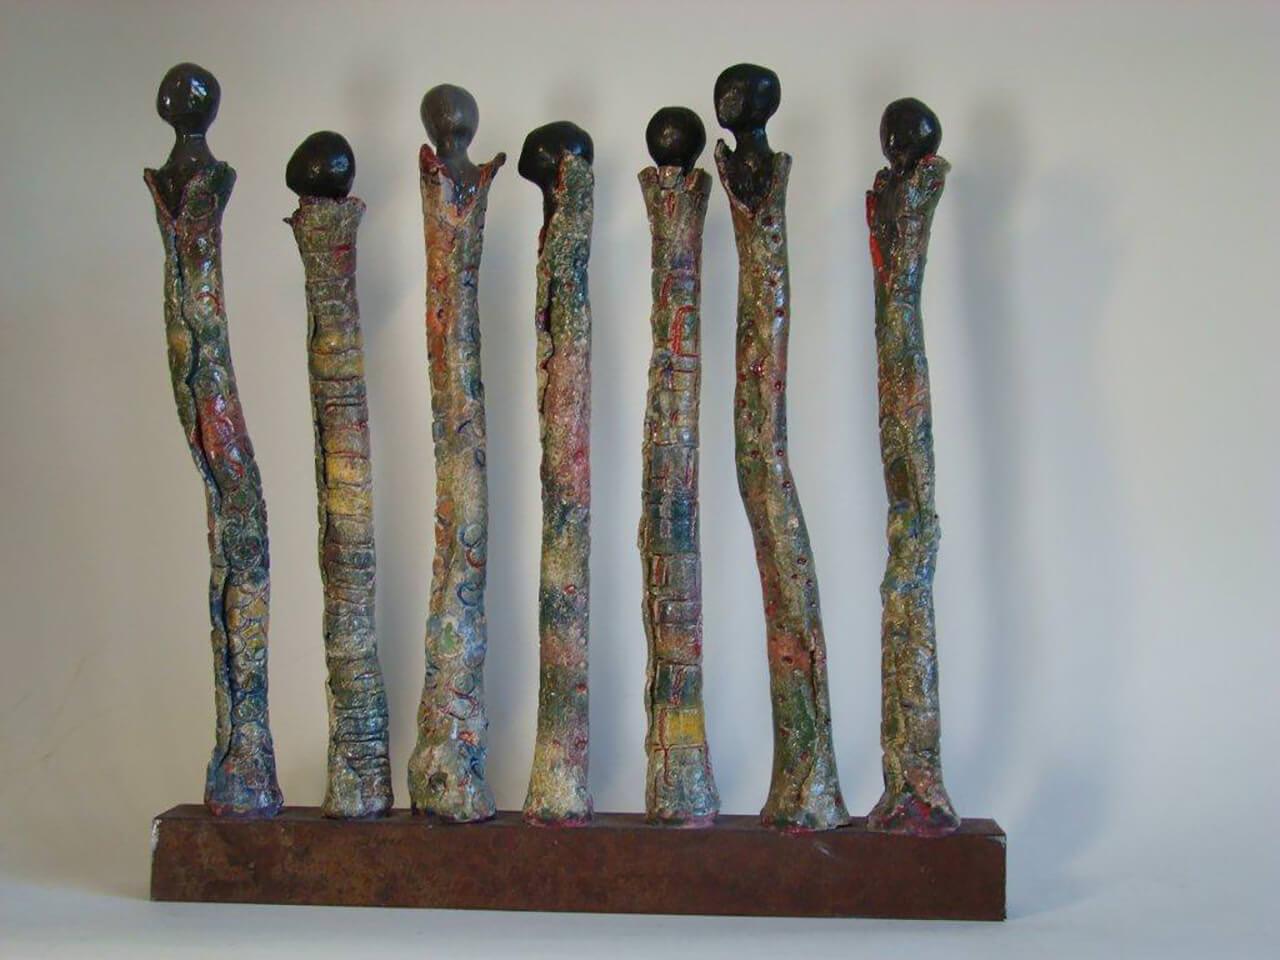 Massaï op staal50 x 50 x 6Keramiek - grove chamotte met pigment